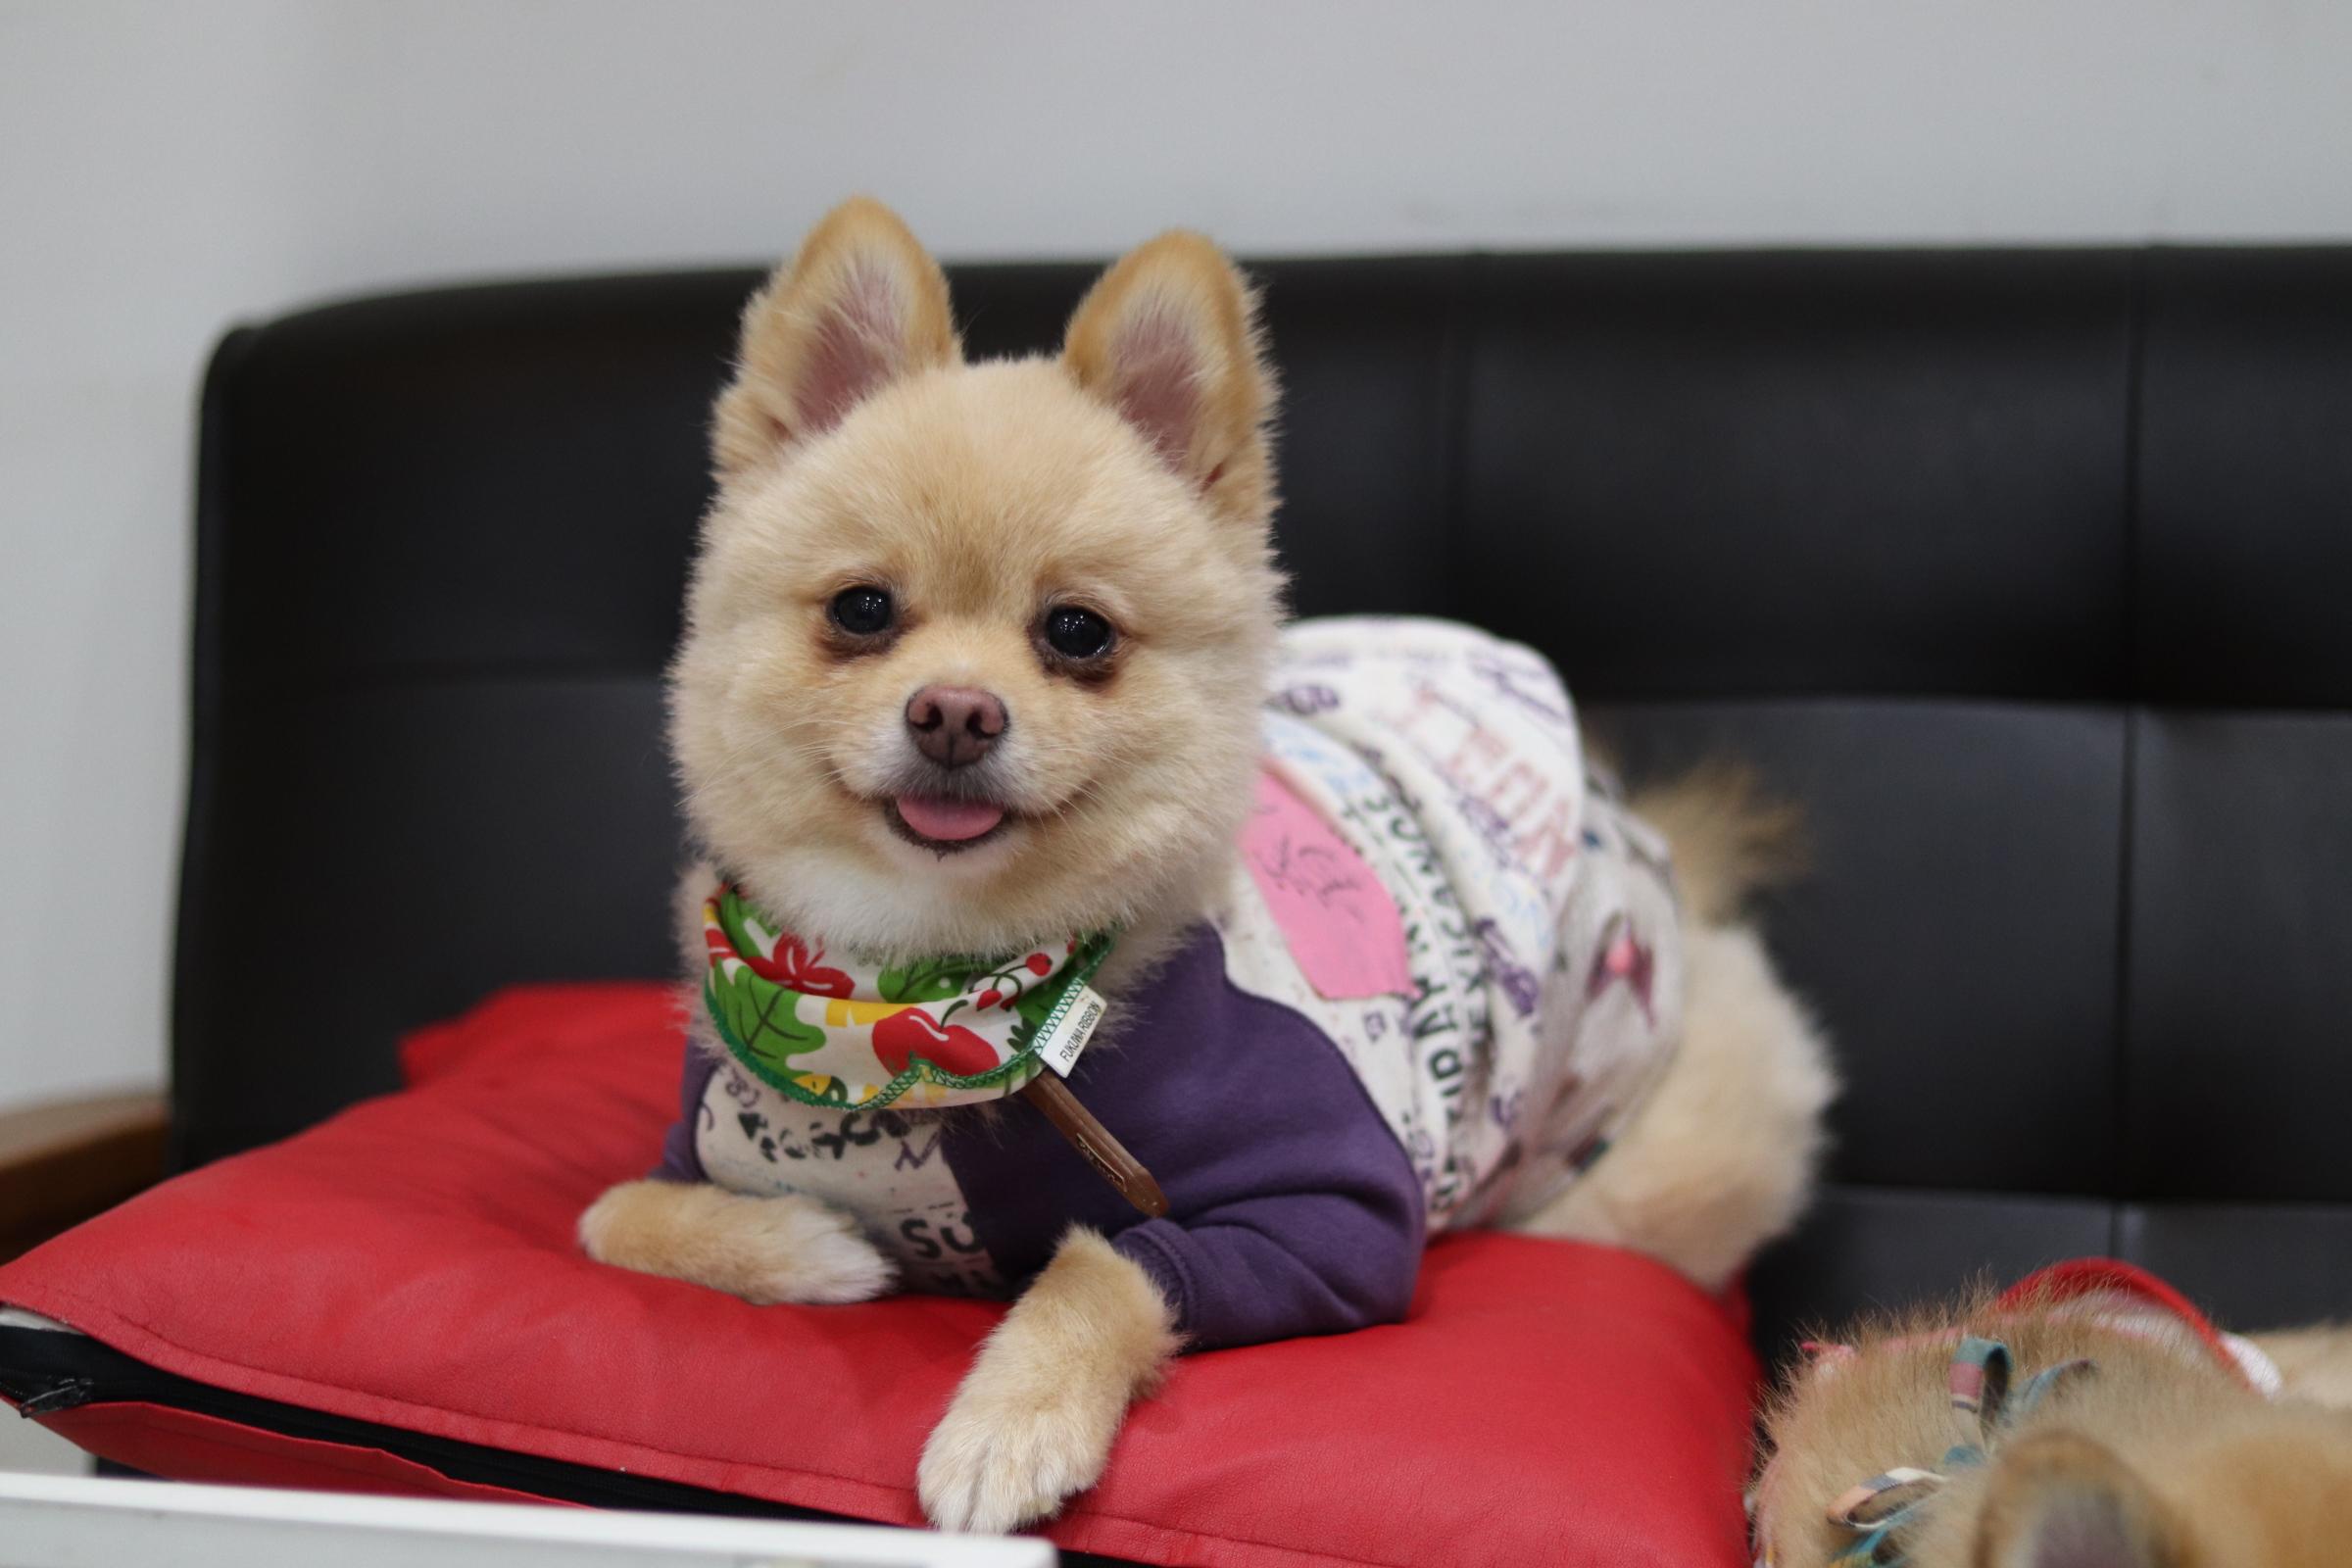 <ul> <li>犬種:ポメラニアン(クリーム)</li> <li>性別:男の子</li> <li>名前:春(ハル)</li> <li>年齢:2013年12月26日生まれ</li> <li>保護経緯:飼い主の出産のため飼育困難</li> </ul>